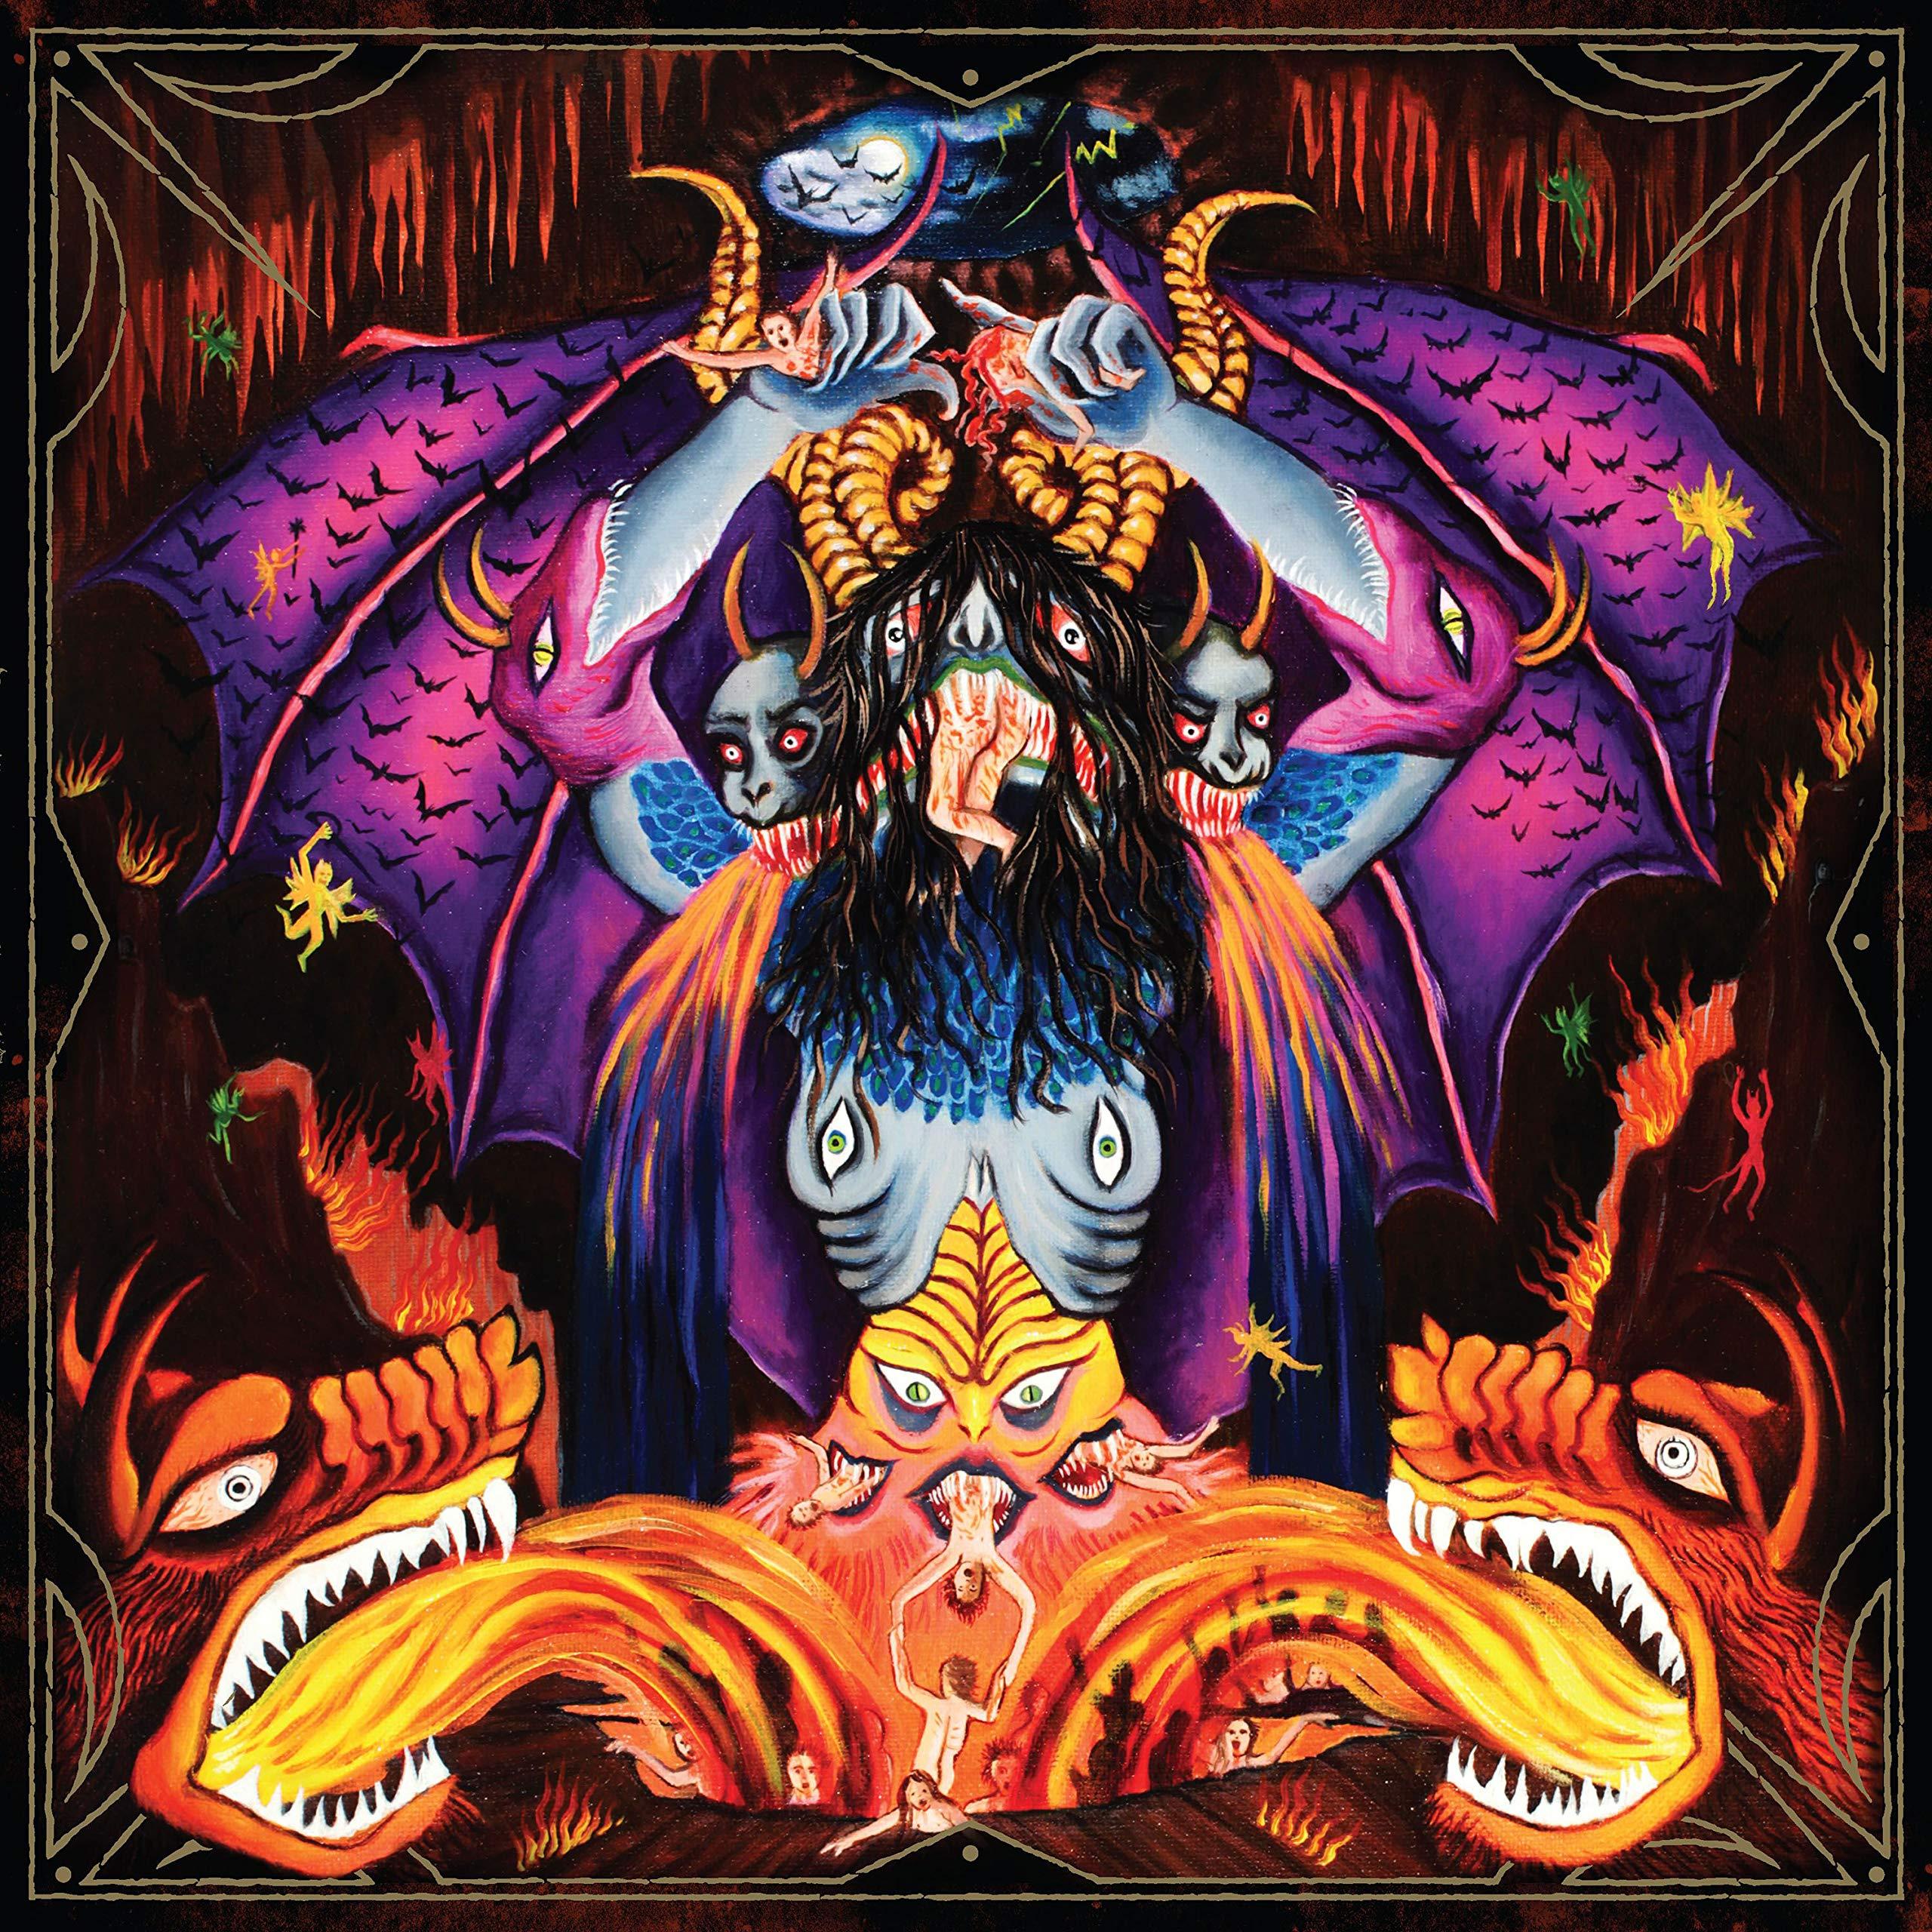 Vinilo : Devil Master - Satan Spits On Children Of Light (LP Vinyl)